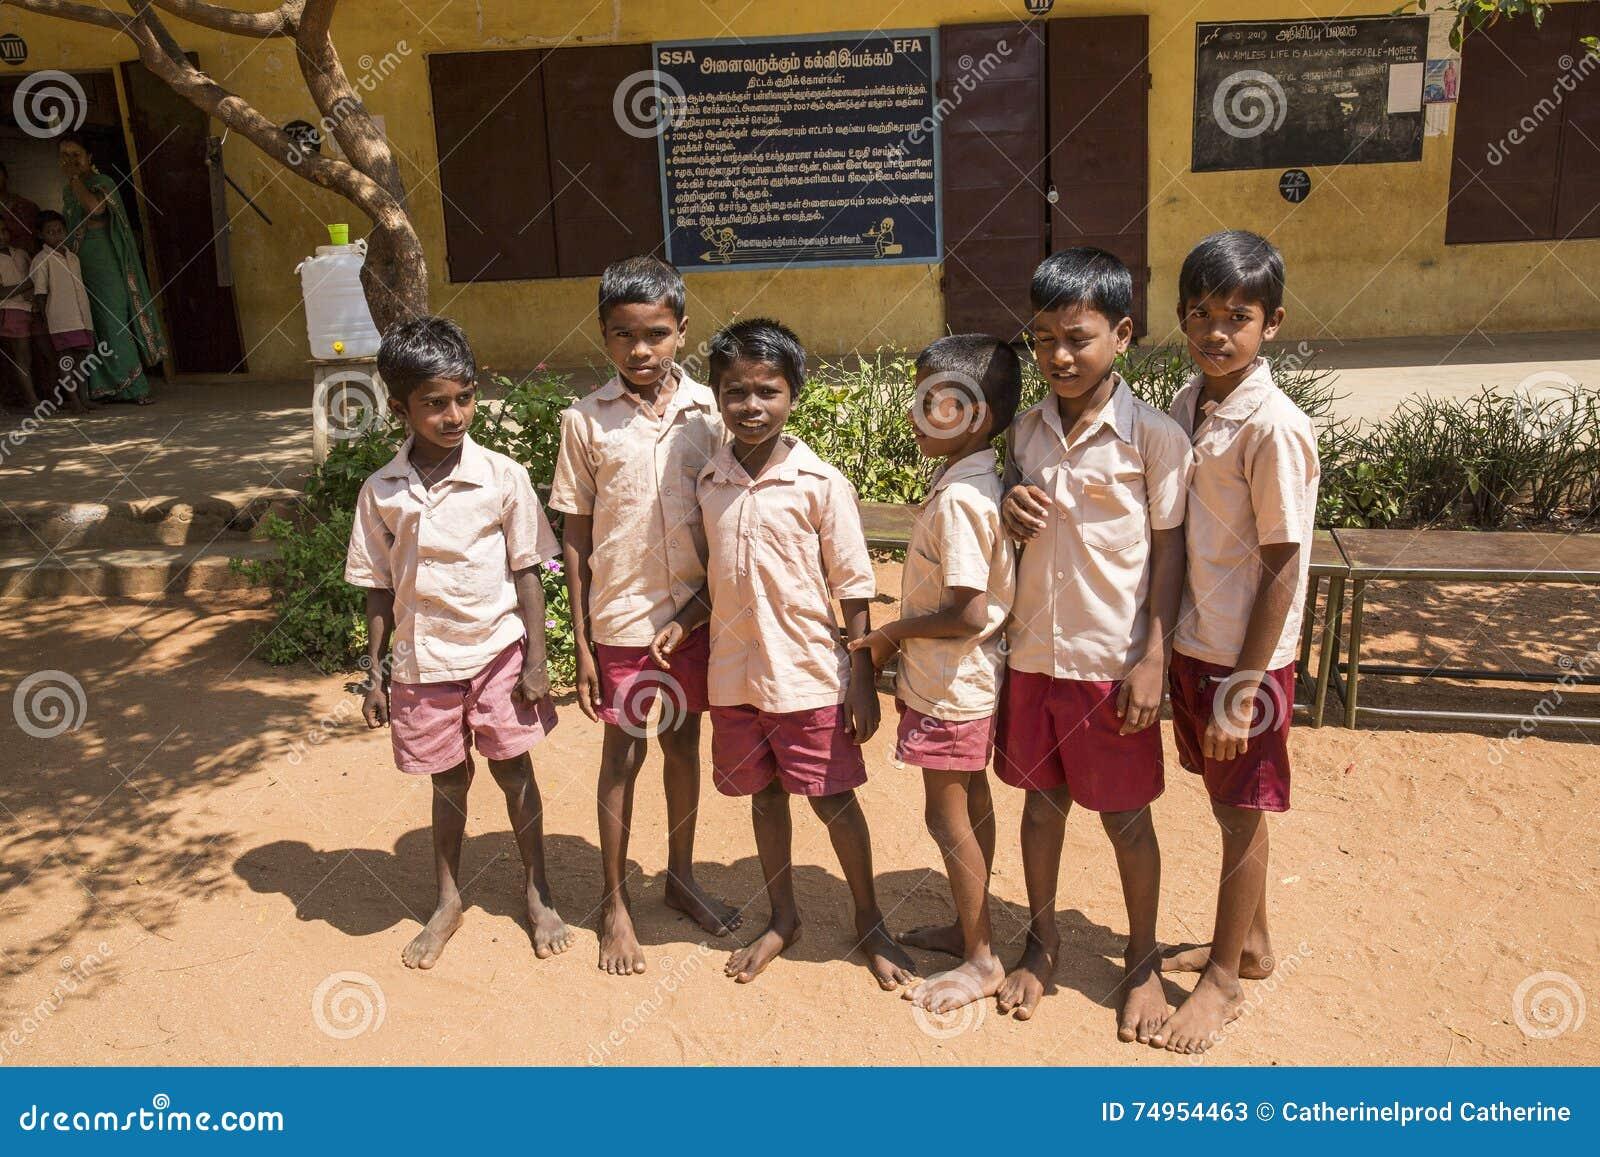 Imagen documental Edotorial Estudiantes de la escuela